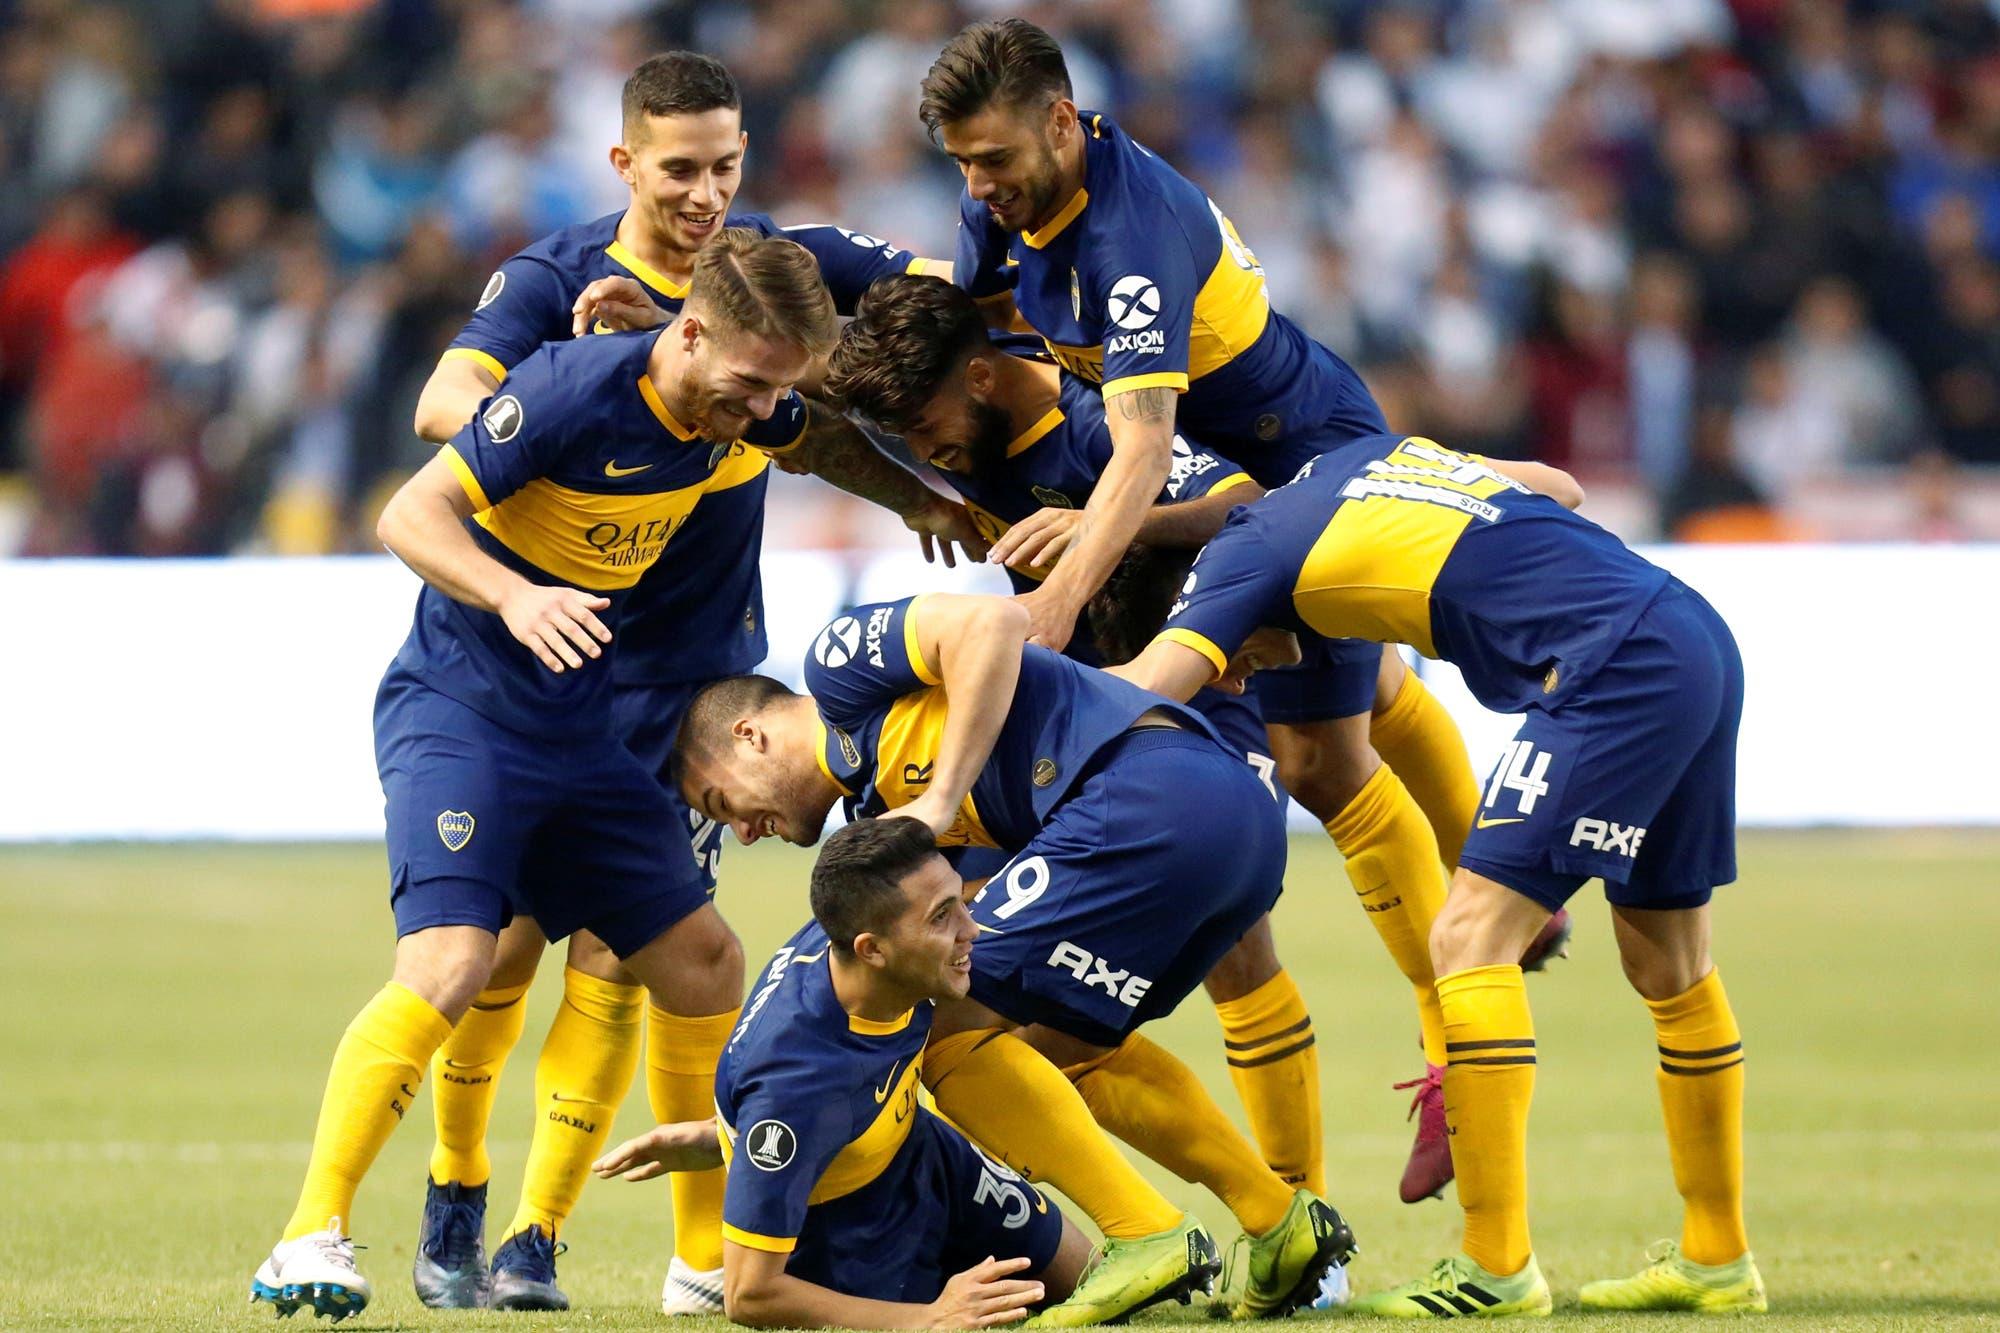 Liga de Quito-Boca, Copa Libertadores: el gol de Wanchope Ábila que estableció el 1-0